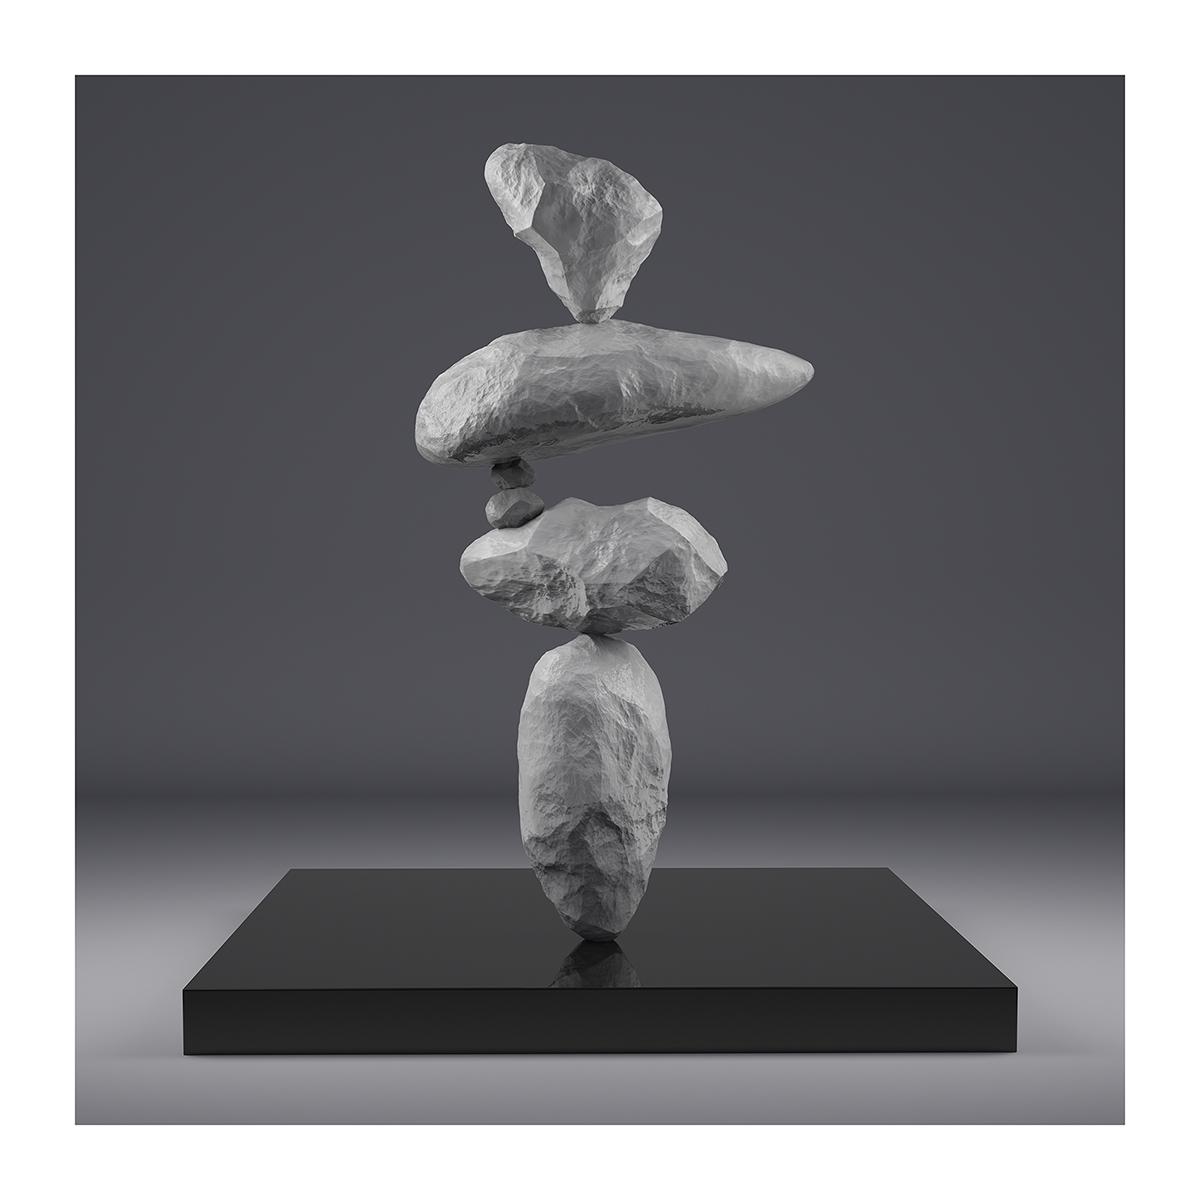 I will not Make any more Boring Art III 001 1 - 2020 - I will not Make any more Boring Art. III. (Rock Balancing)